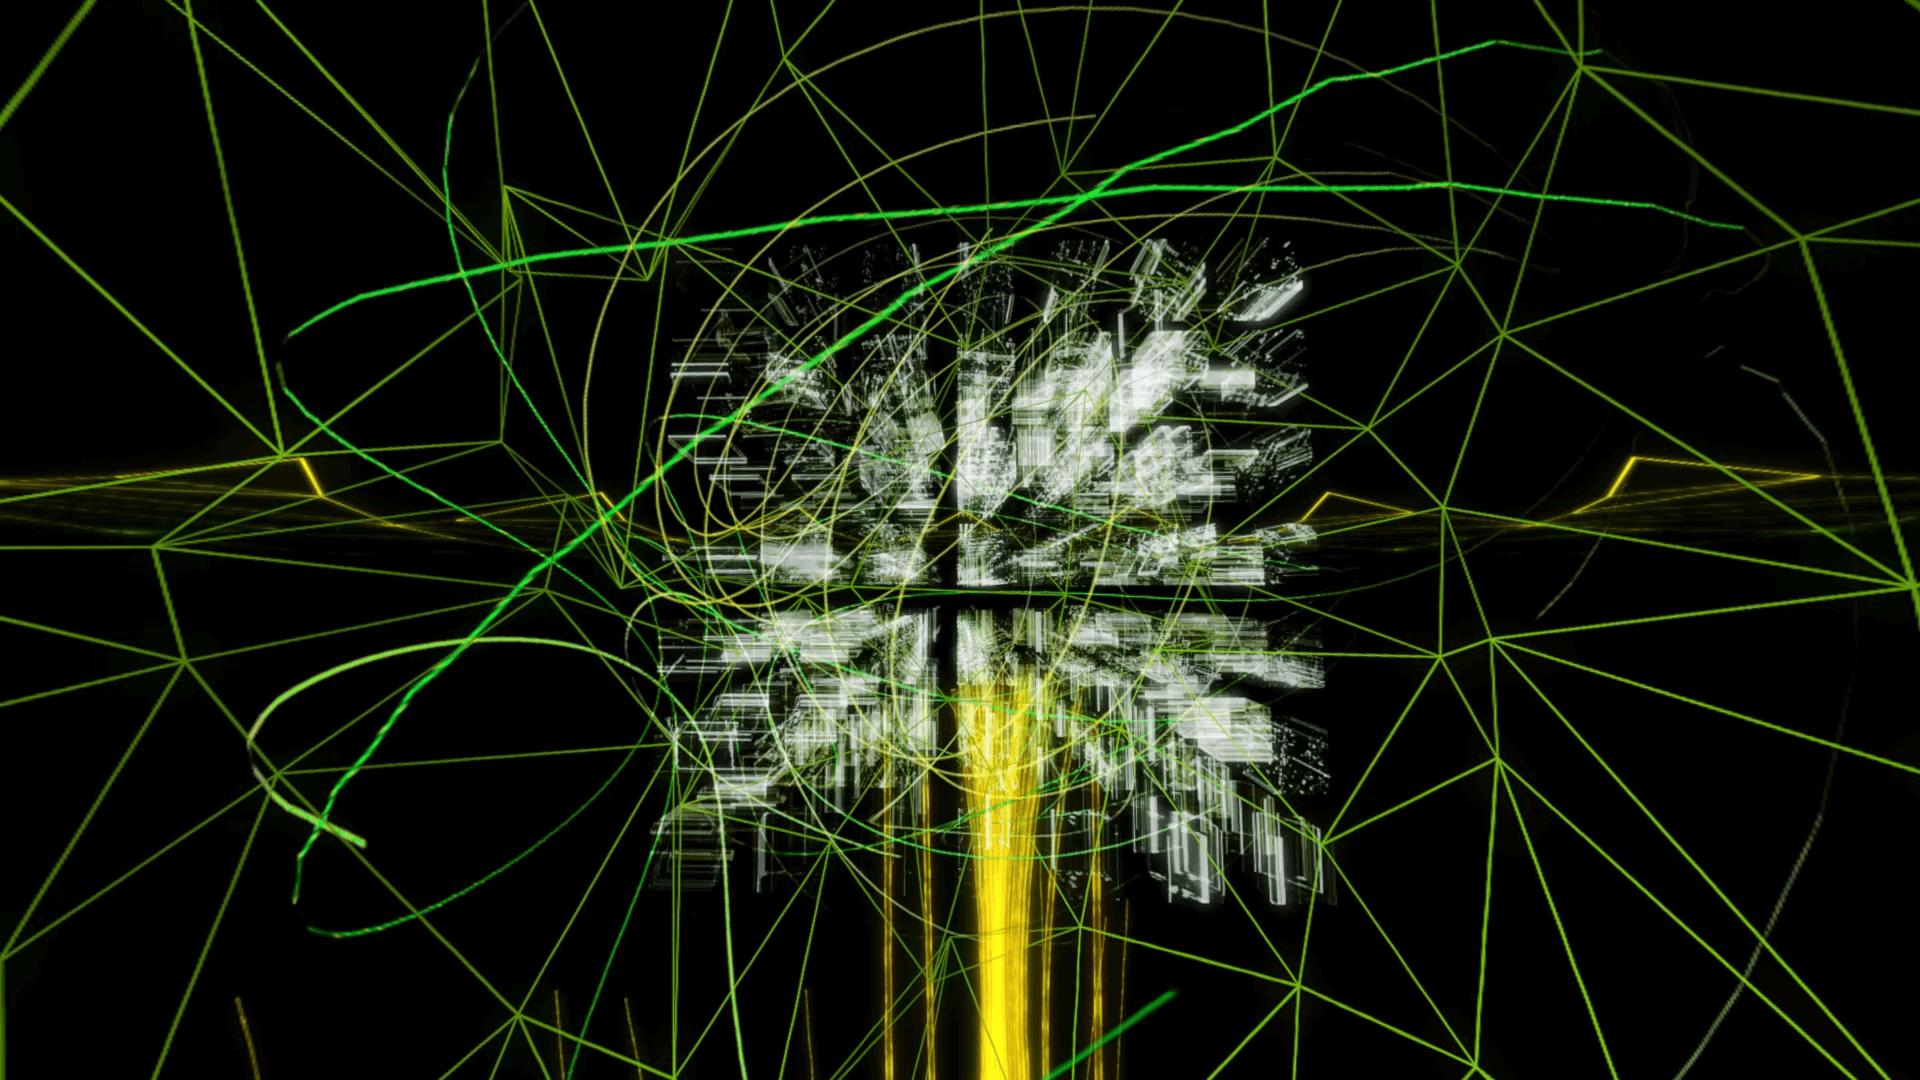 BP_DAS_v3_2D_180516_VBR1pass_20-25mbs_02 (0-03-33-08).png